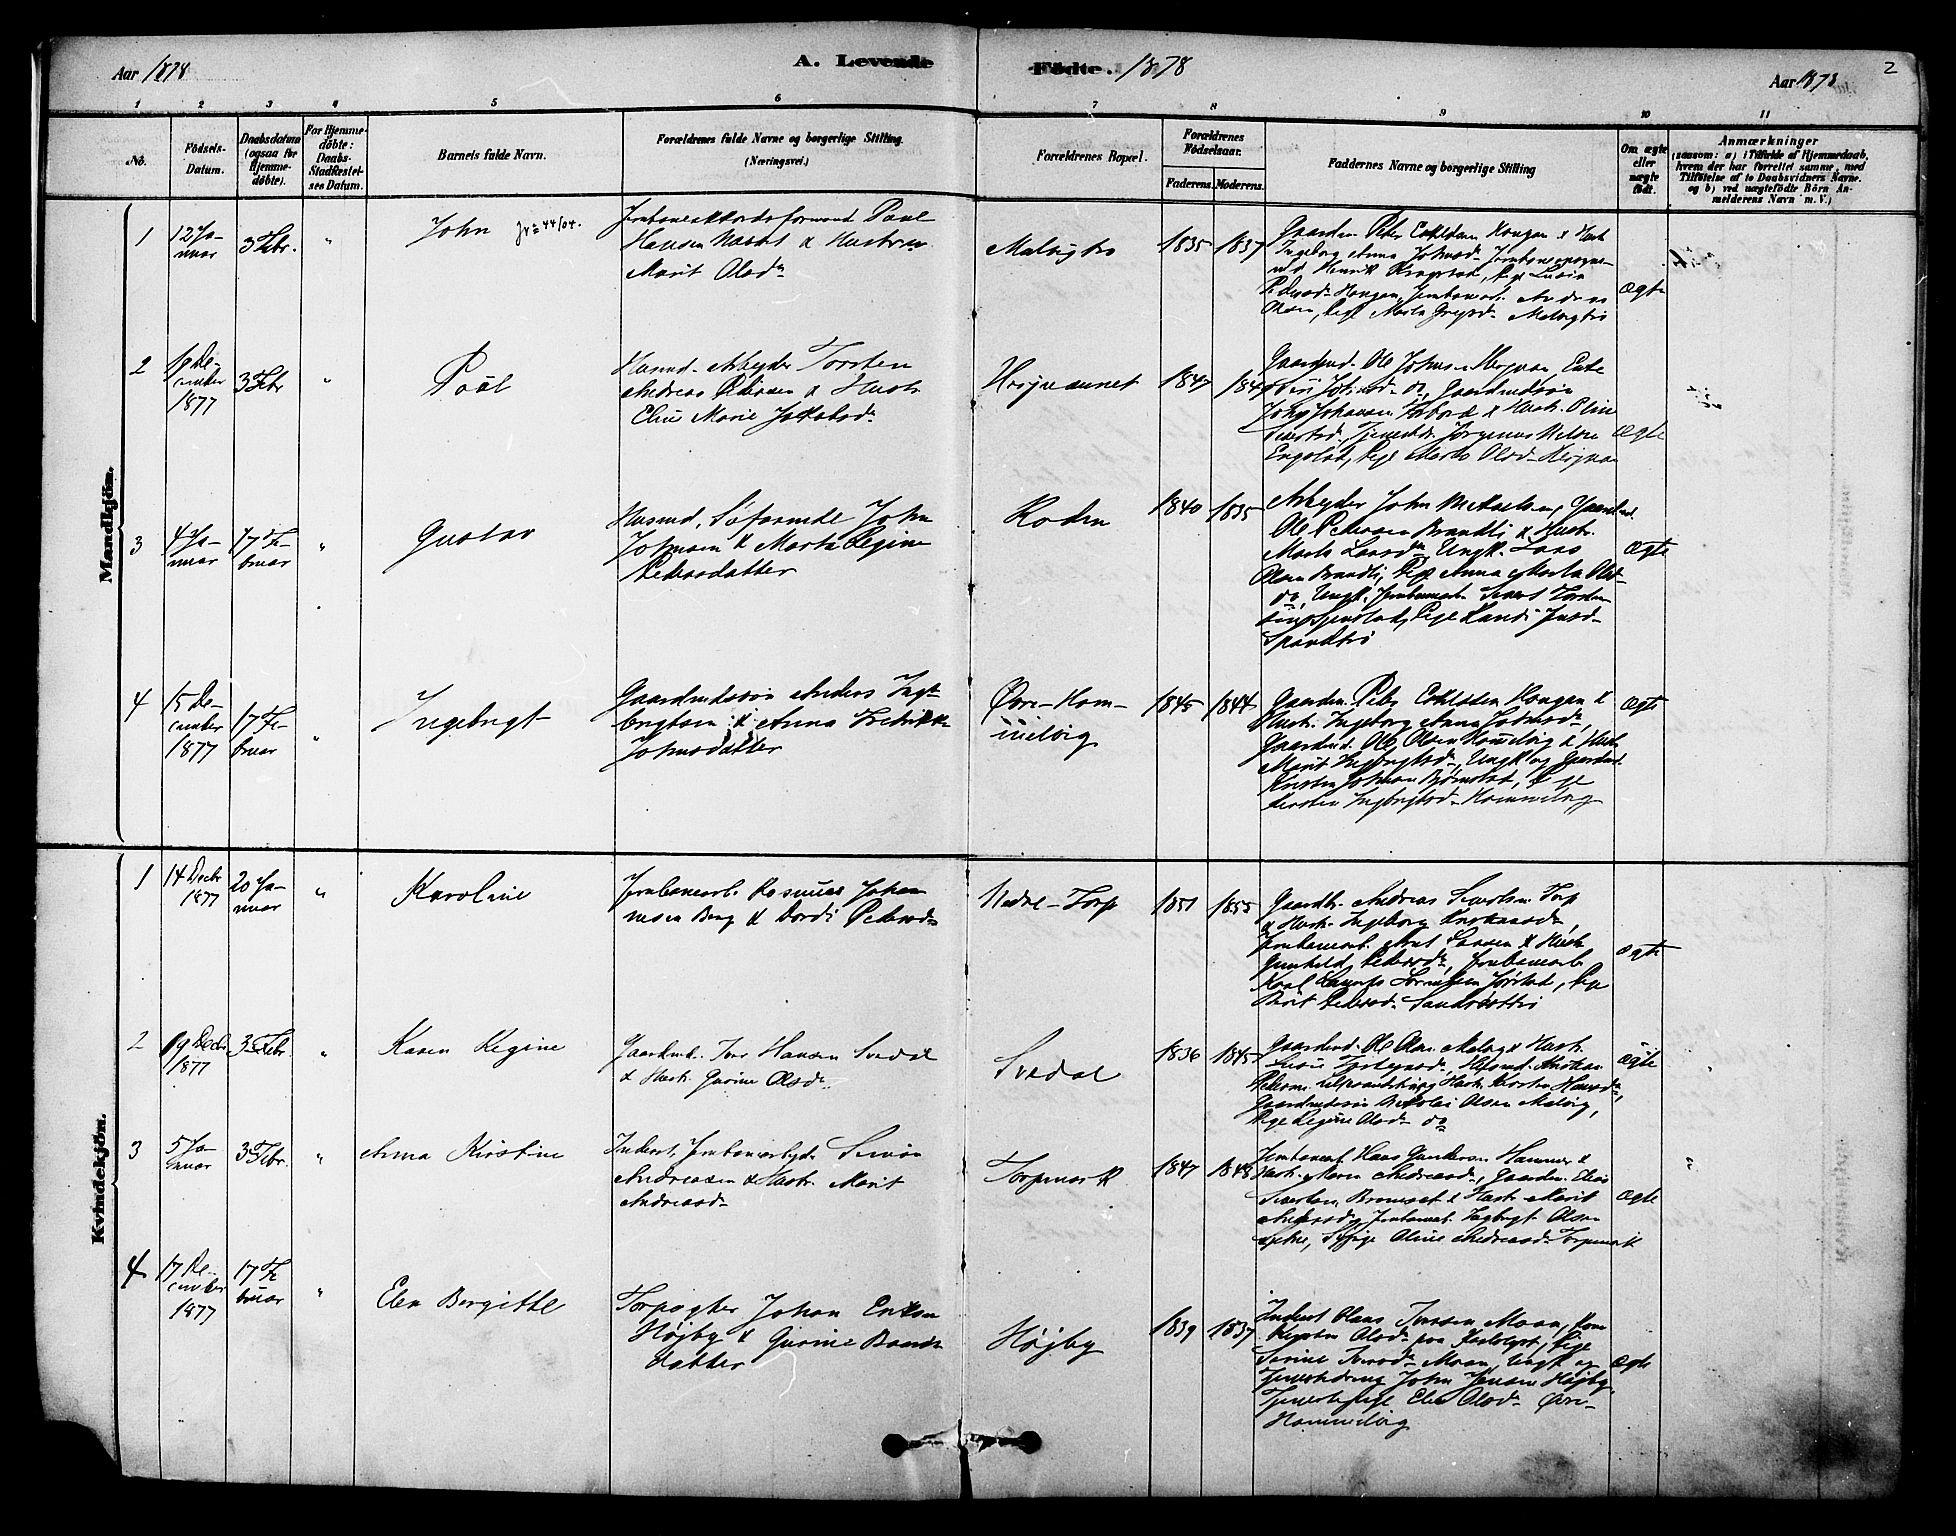 SAT, Ministerialprotokoller, klokkerbøker og fødselsregistre - Sør-Trøndelag, 616/L0410: Ministerialbok nr. 616A07, 1878-1893, s. 2